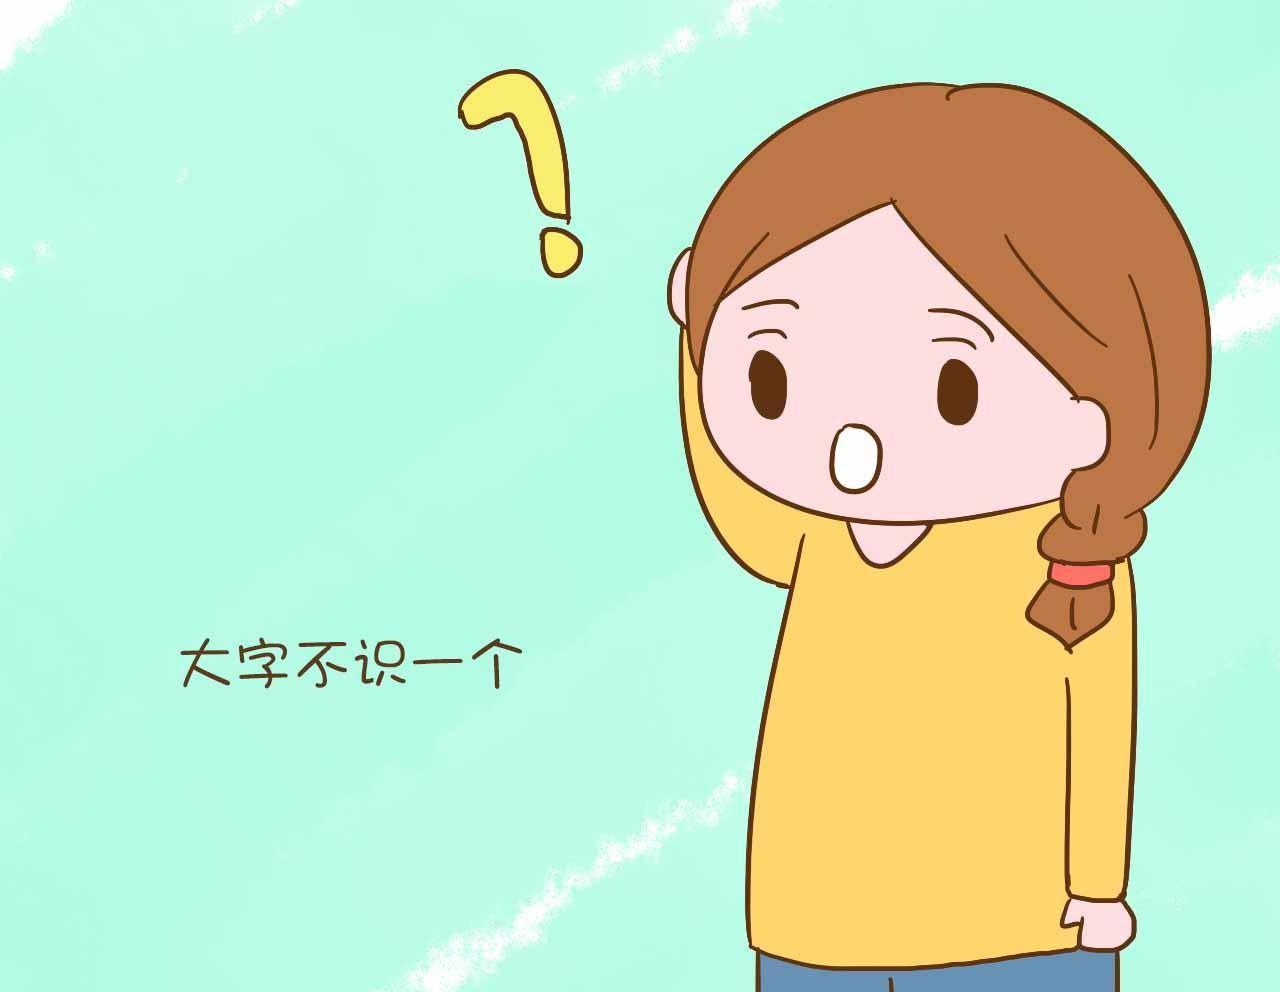 3.5岁不识字正常吗?看朋友的孩子2岁多已经认识很多字了!